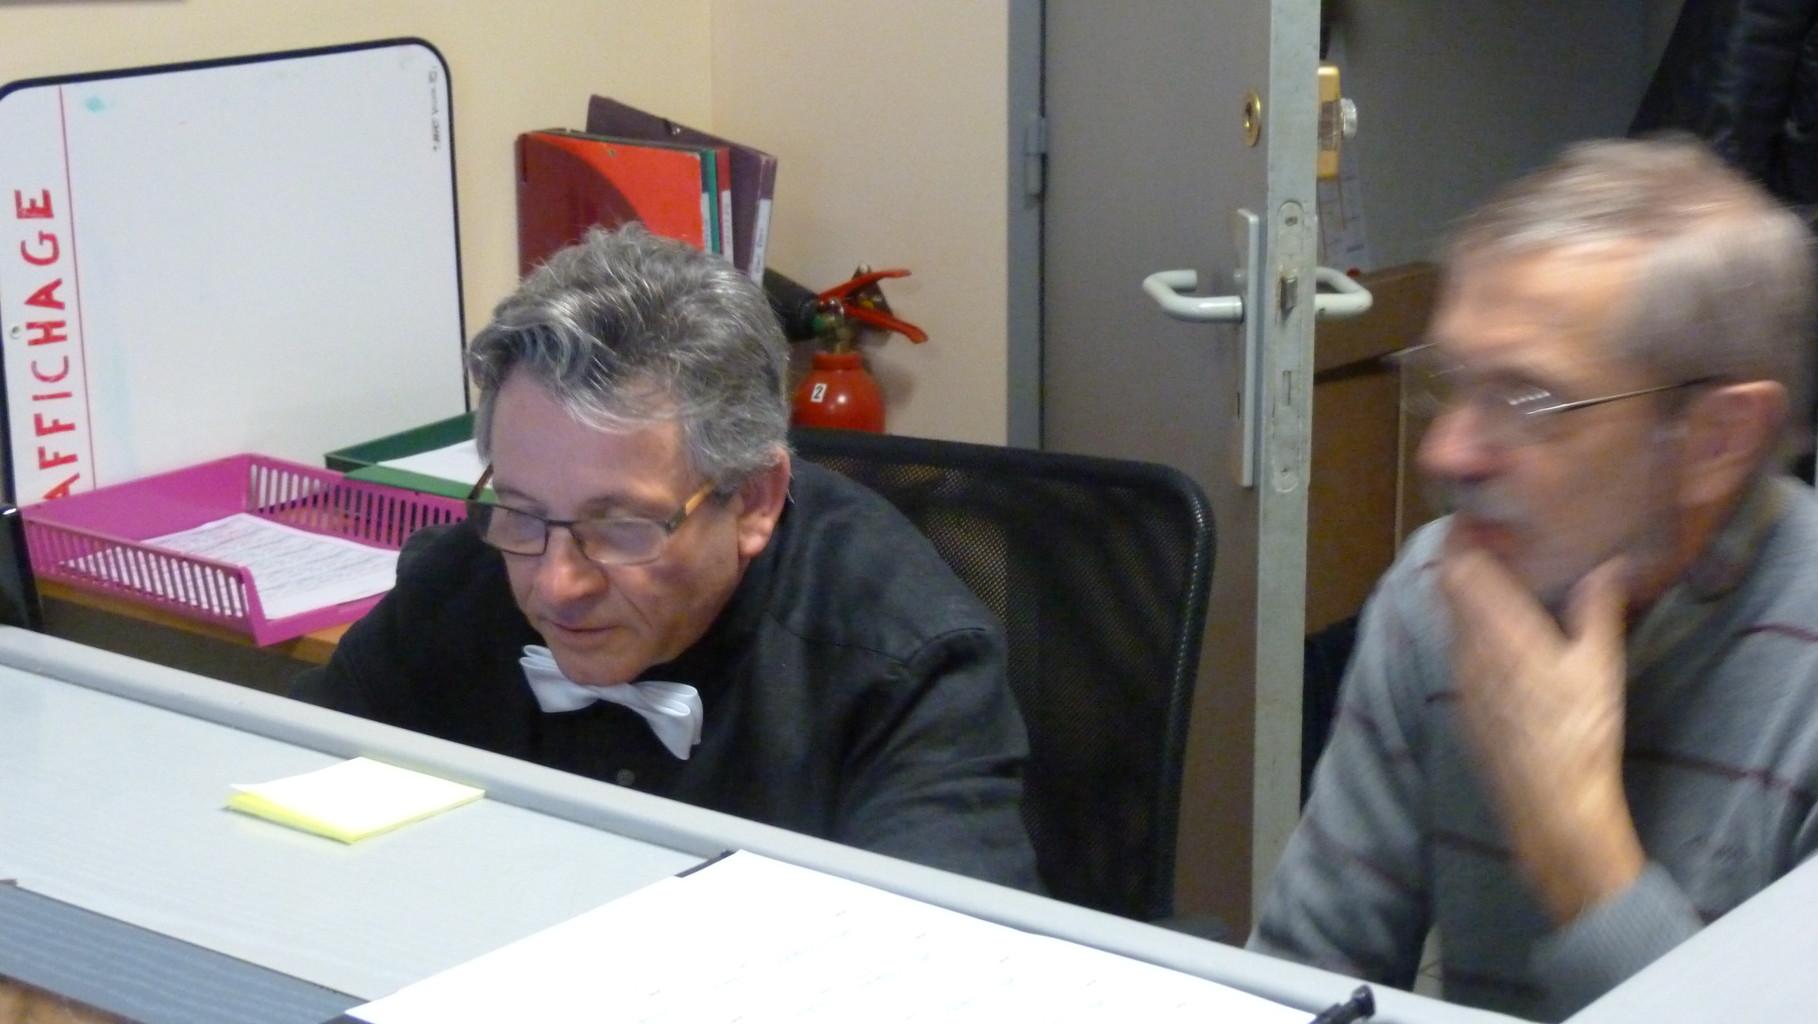 Le secrétariat en action, avec le pilotage d'une caméra video